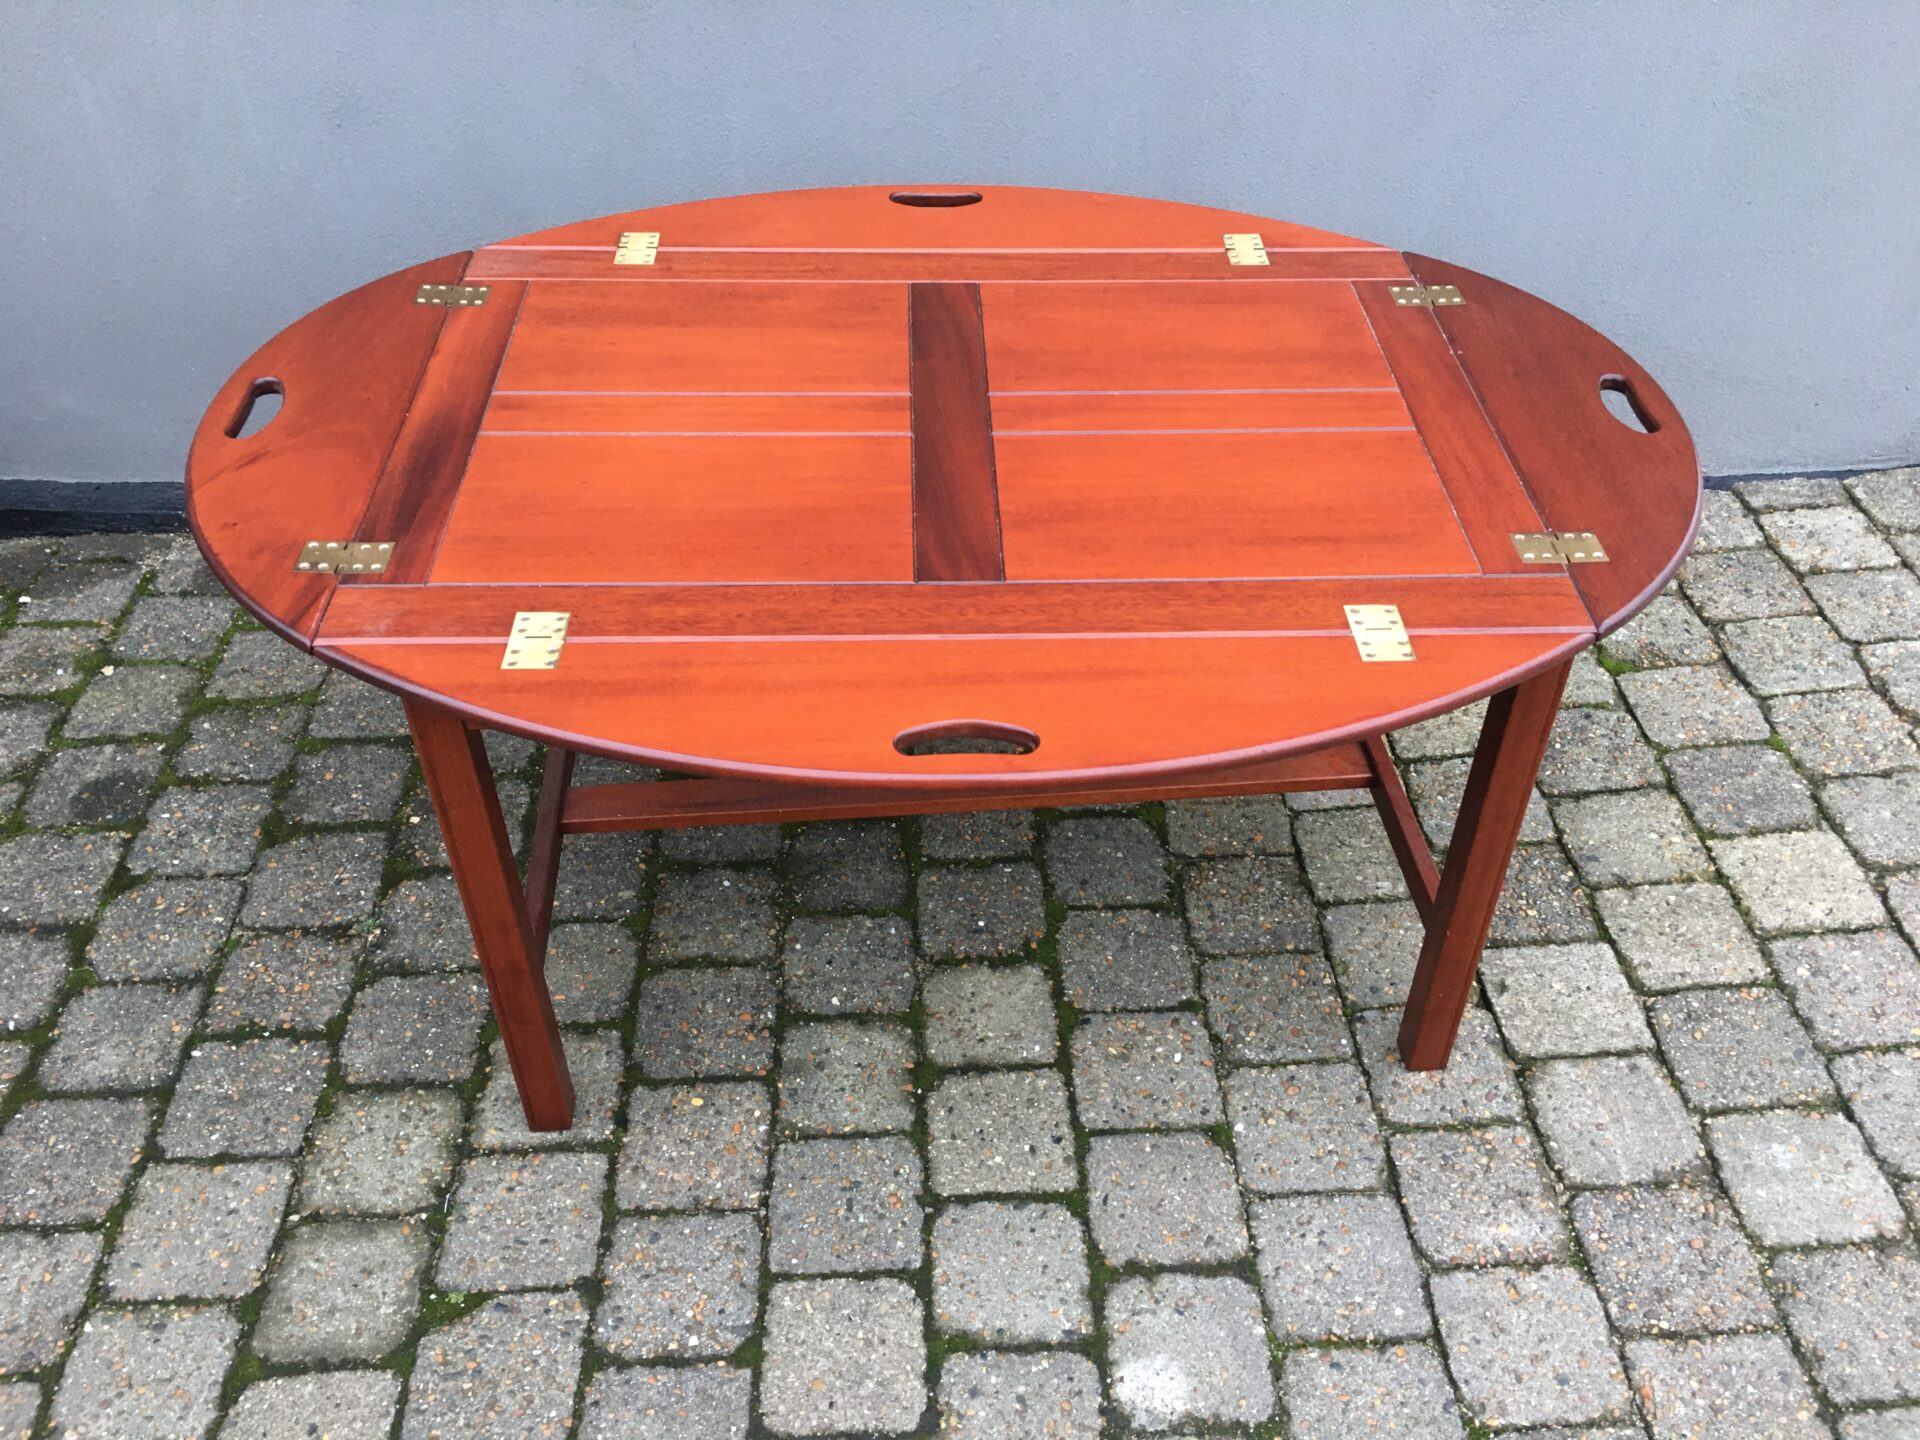 Velholdt butlerbord af mahogni, 120x88 cm (udslået), h= 55 cm, pris 500kr